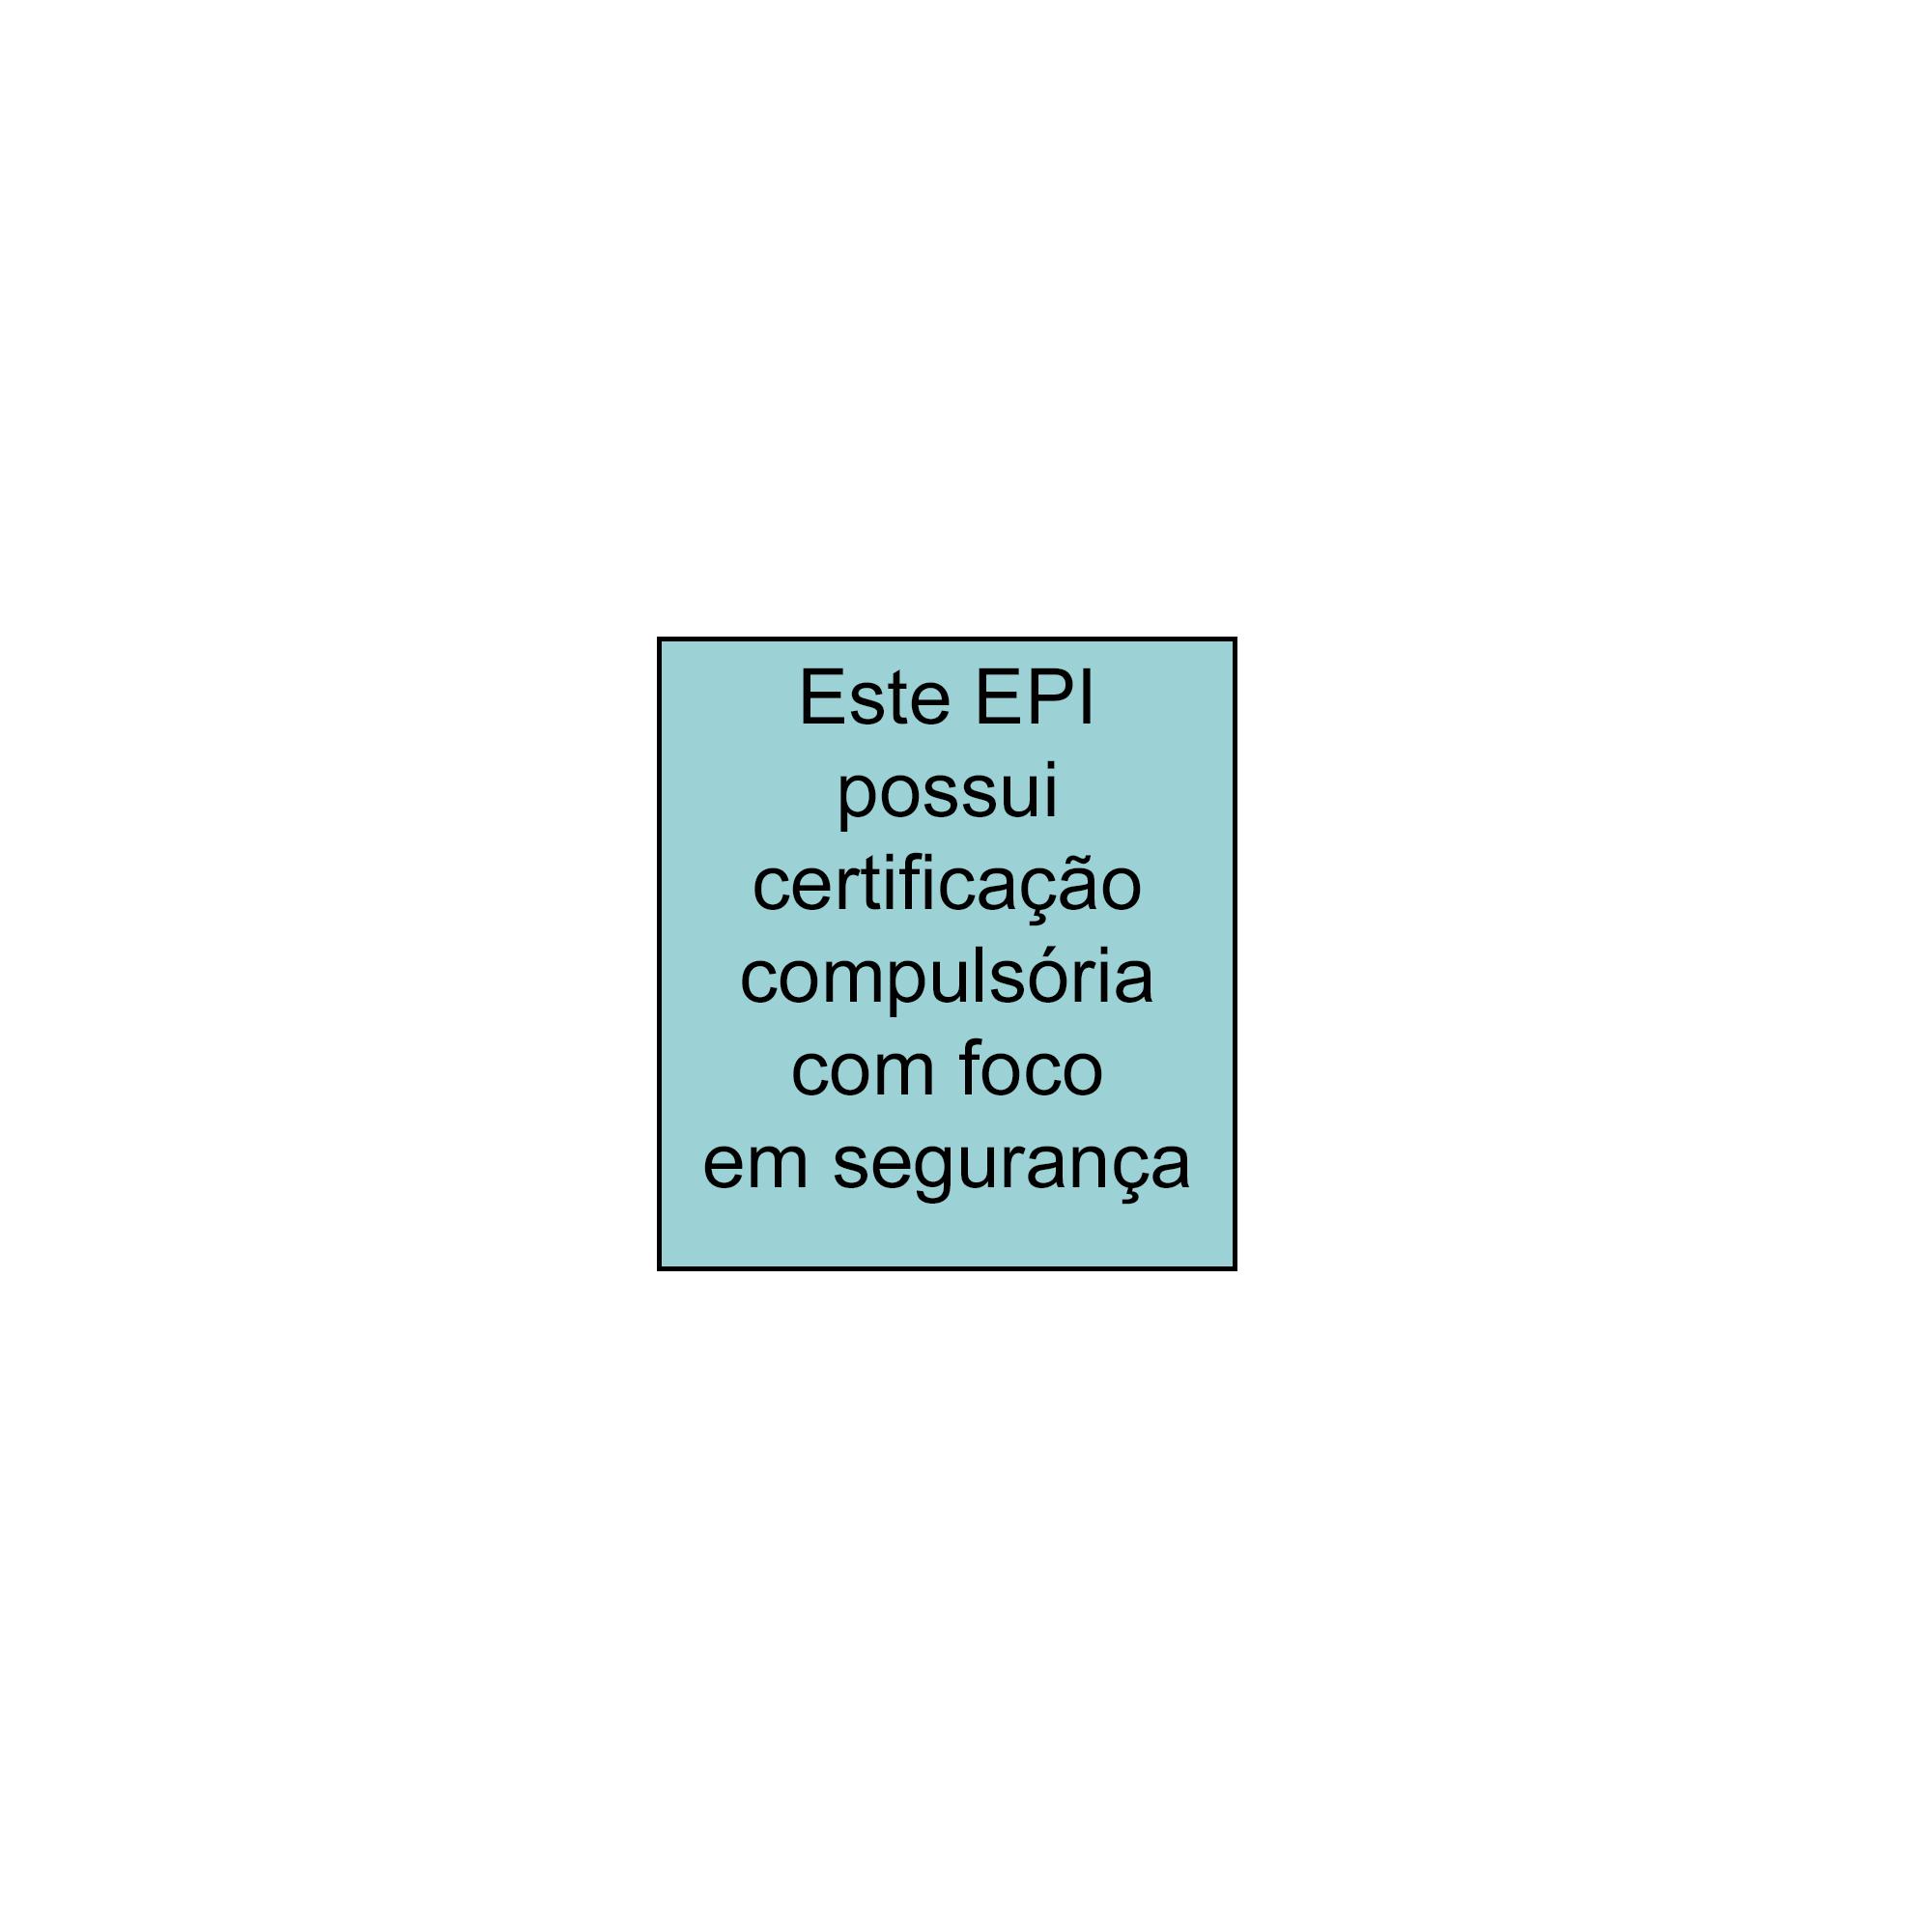 TALABARTE DE POSICIONAMENTO FITA CEREFR FR  - DE PAULA EPIS